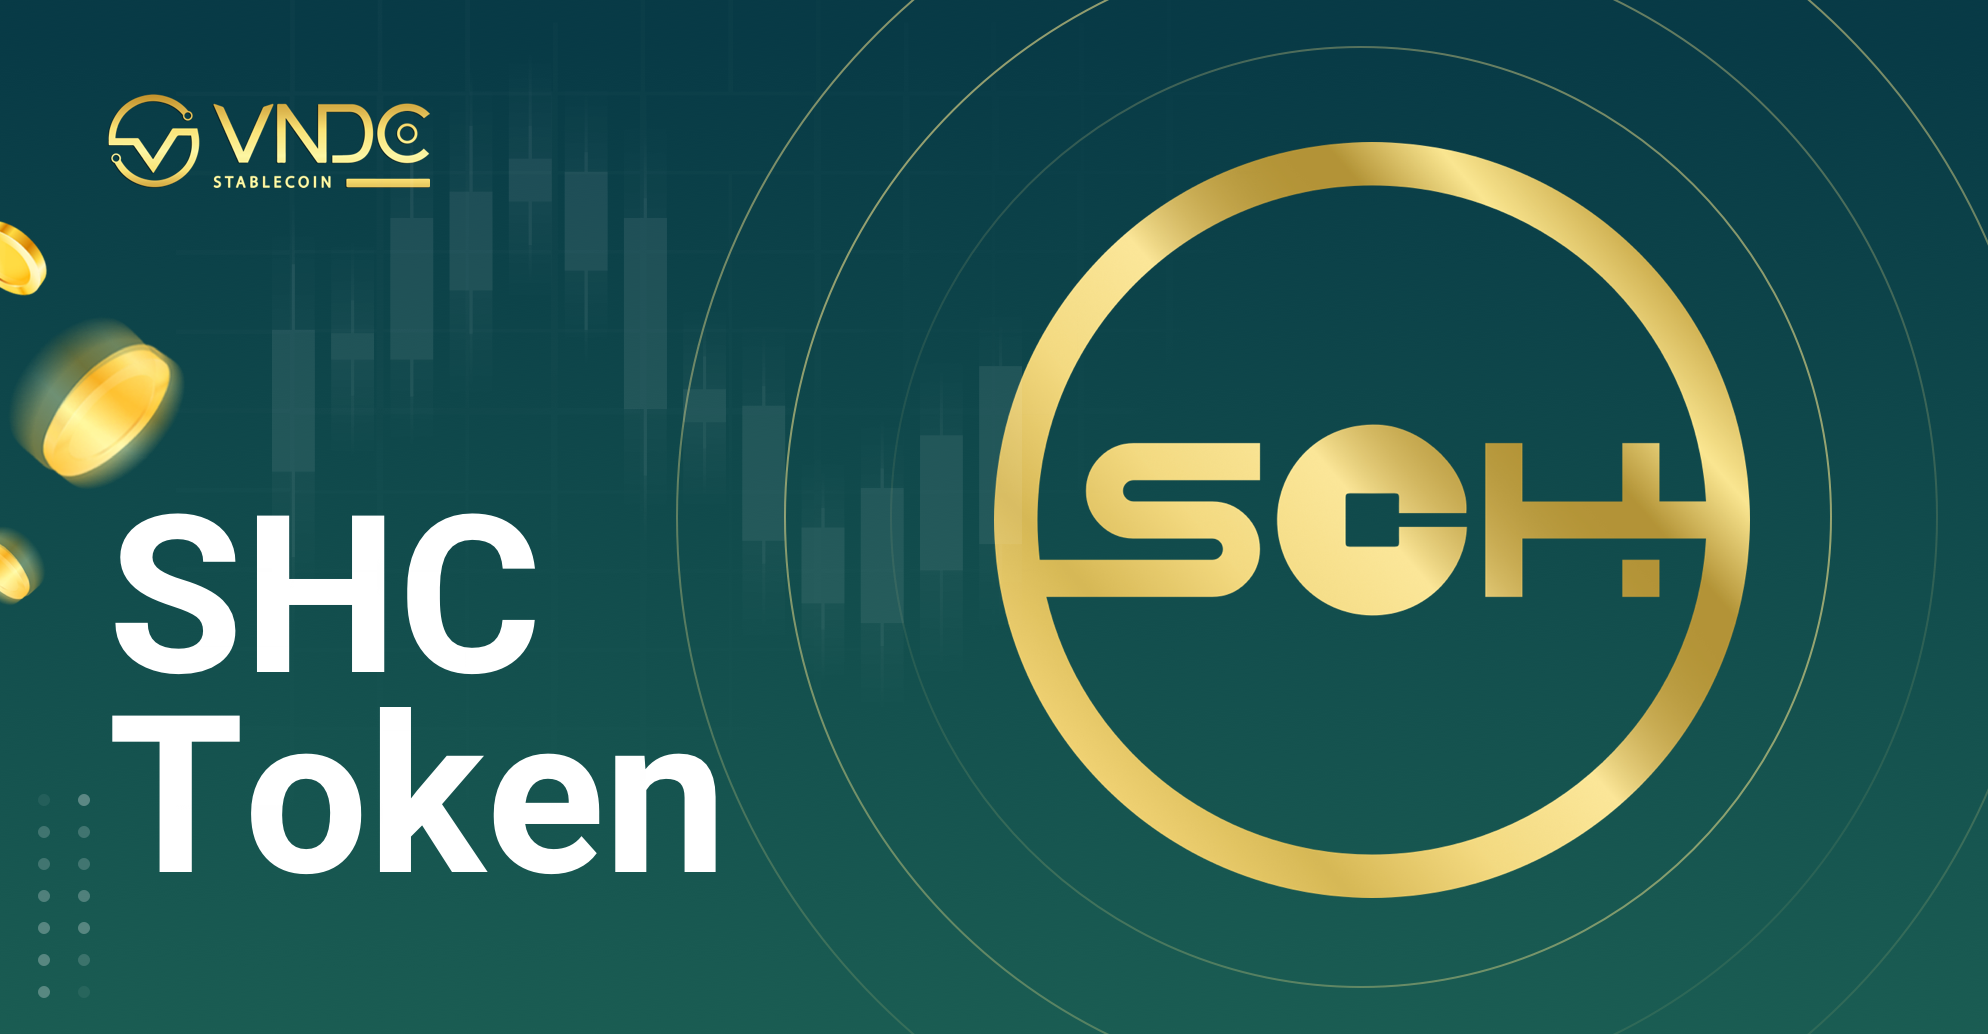 Bài nghiên cứu về SHC Token